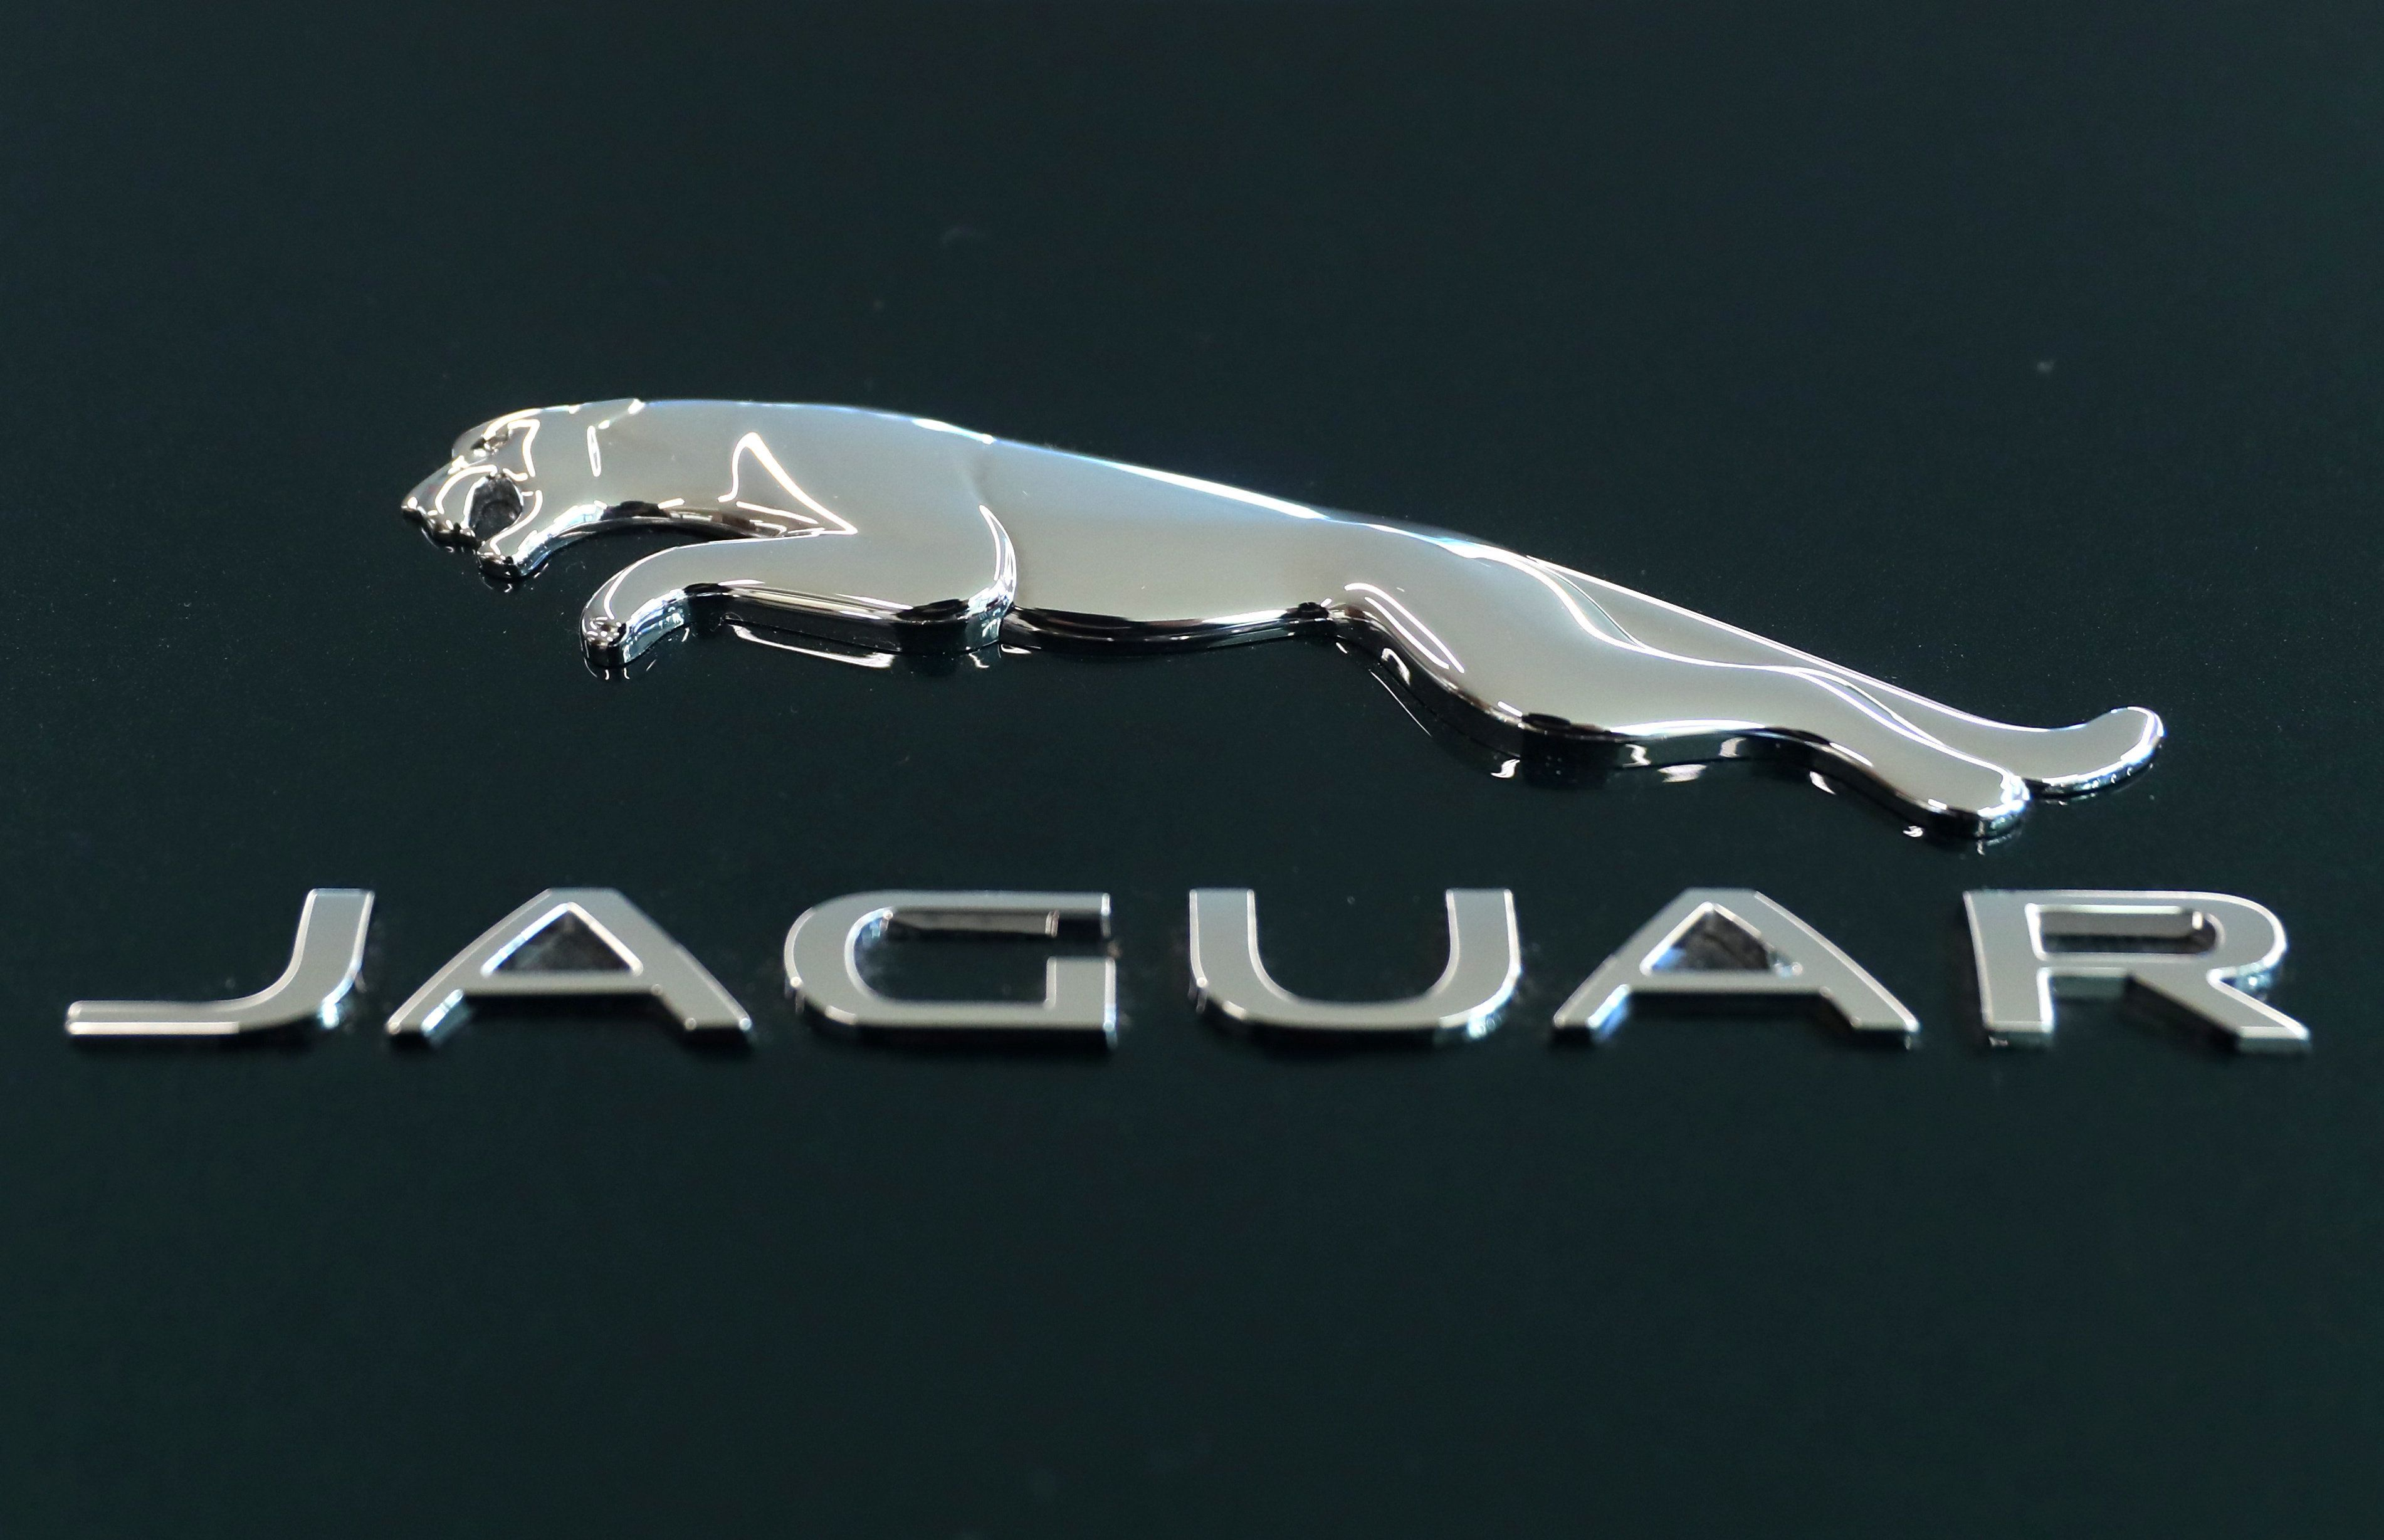 H Jaguar ανακαλεί 44.000 προβληματικά